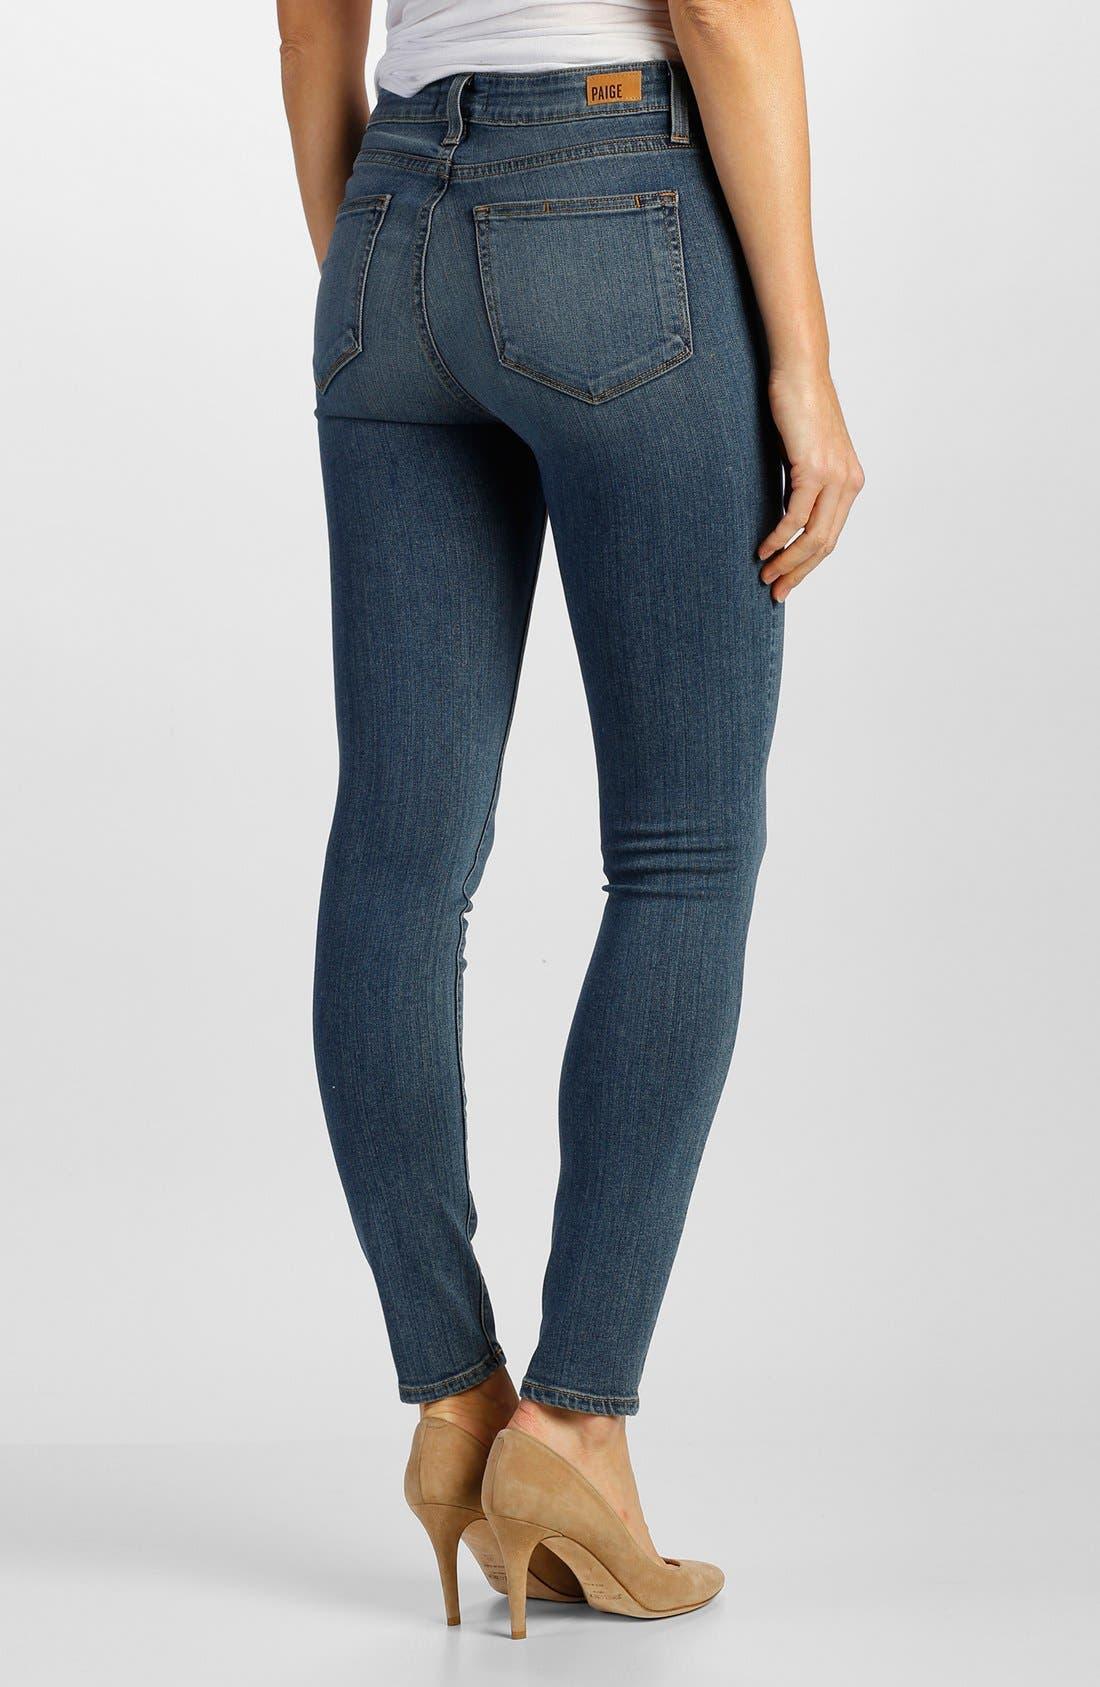 Alternate Image 2  - Paige Denim 'Transcend - Hoxton' High Rise Ankle Skinny Jeans (Brett)